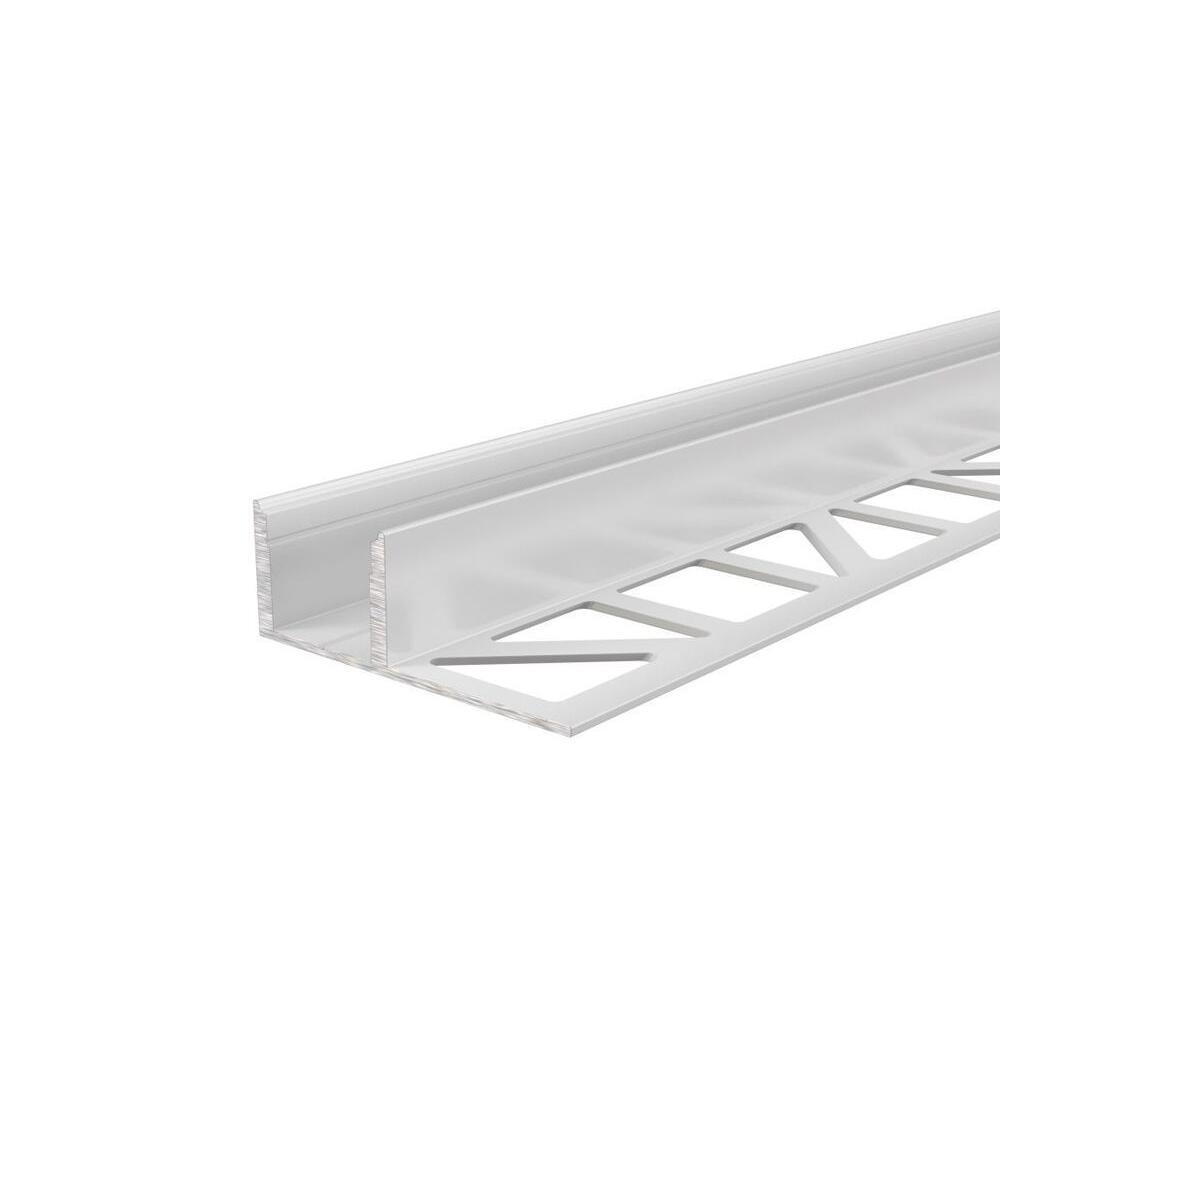 Fliesen Profil EL 03 12 für 12 13 3 mm LED Stripes Weiß